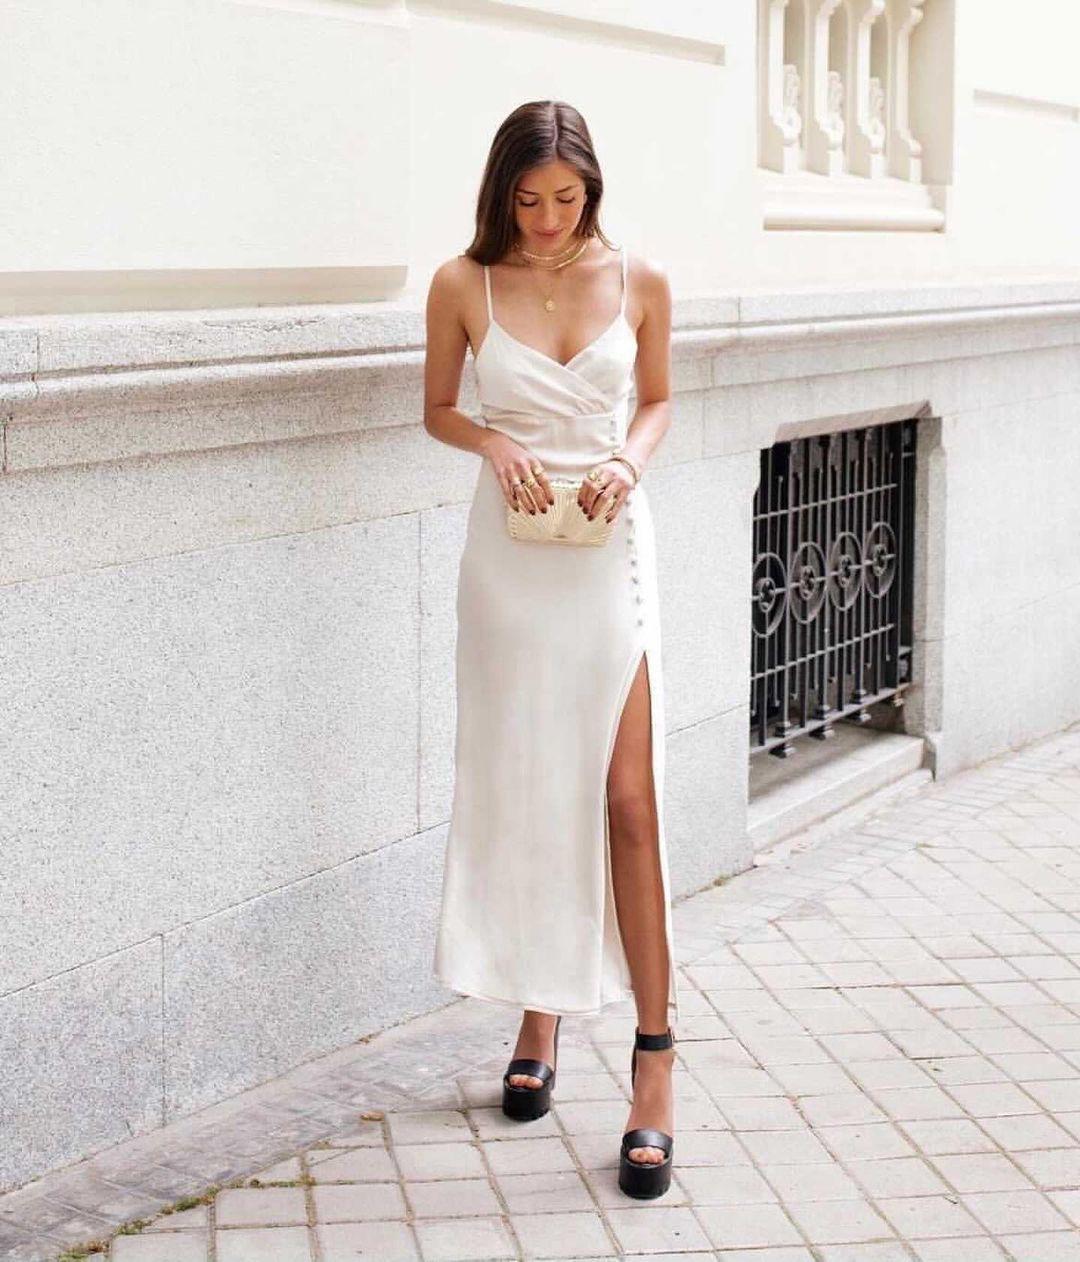 satin dress style lingerie de Zara sur zaraaddiction